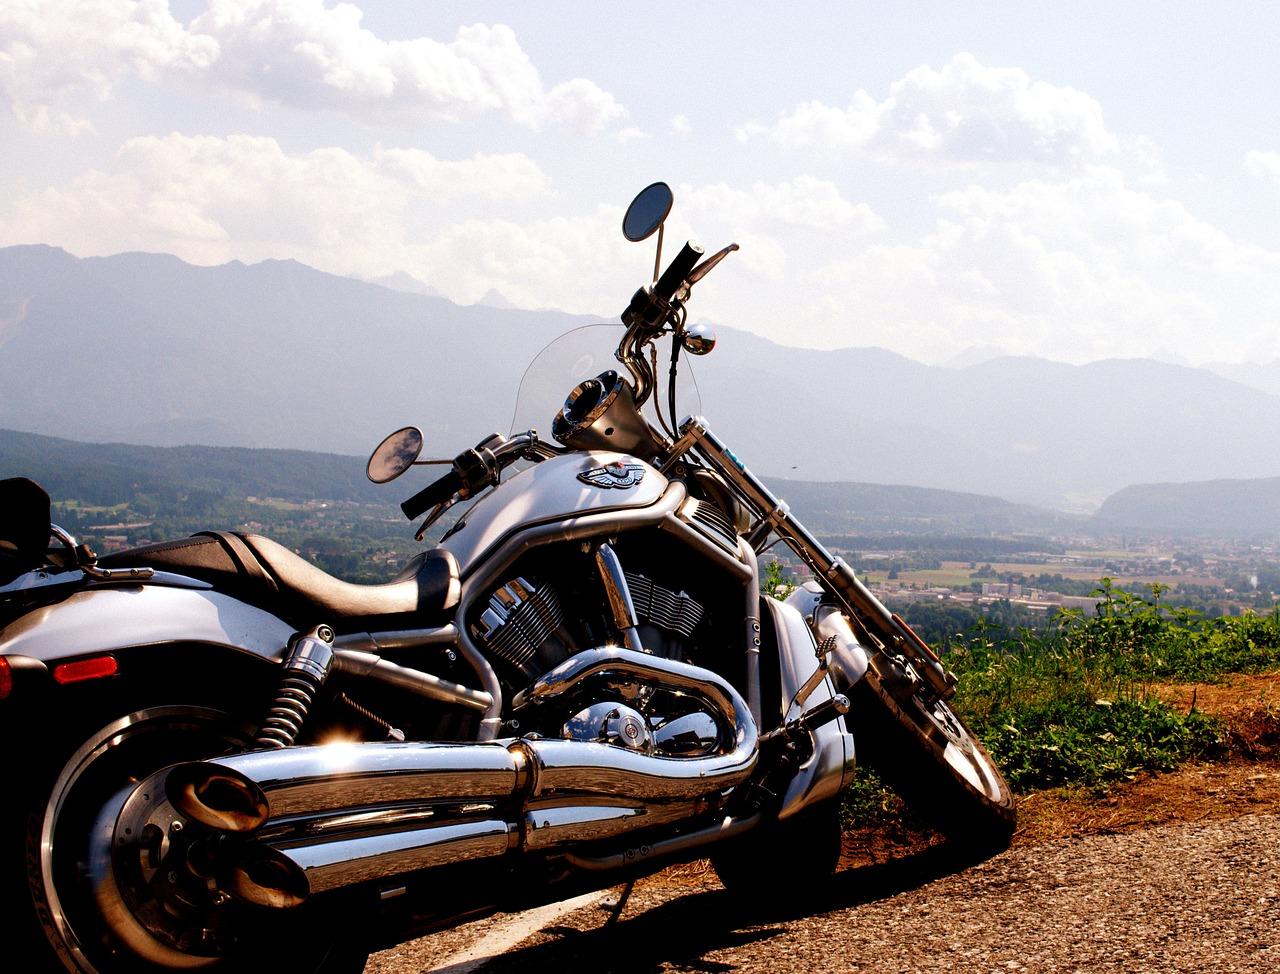 Harley Davidson. Typický zástupce archetypu Psanec (Outlaw).